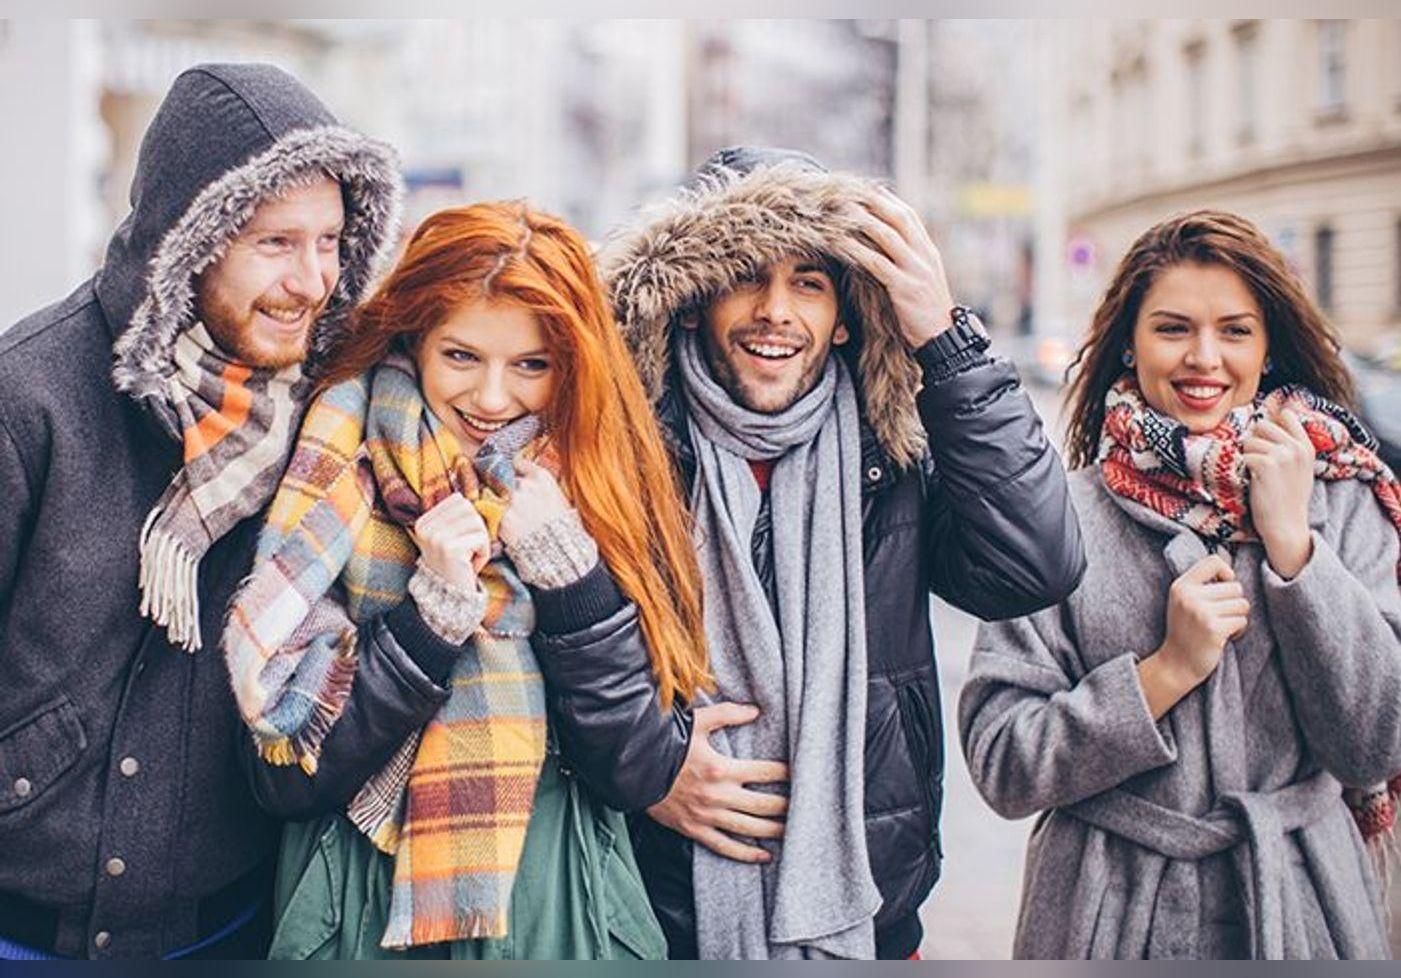 Voici la ville où il fait le plus froid en France… Il y gèle 176 jours par an ! Elle bat des records absolus de températures négatives